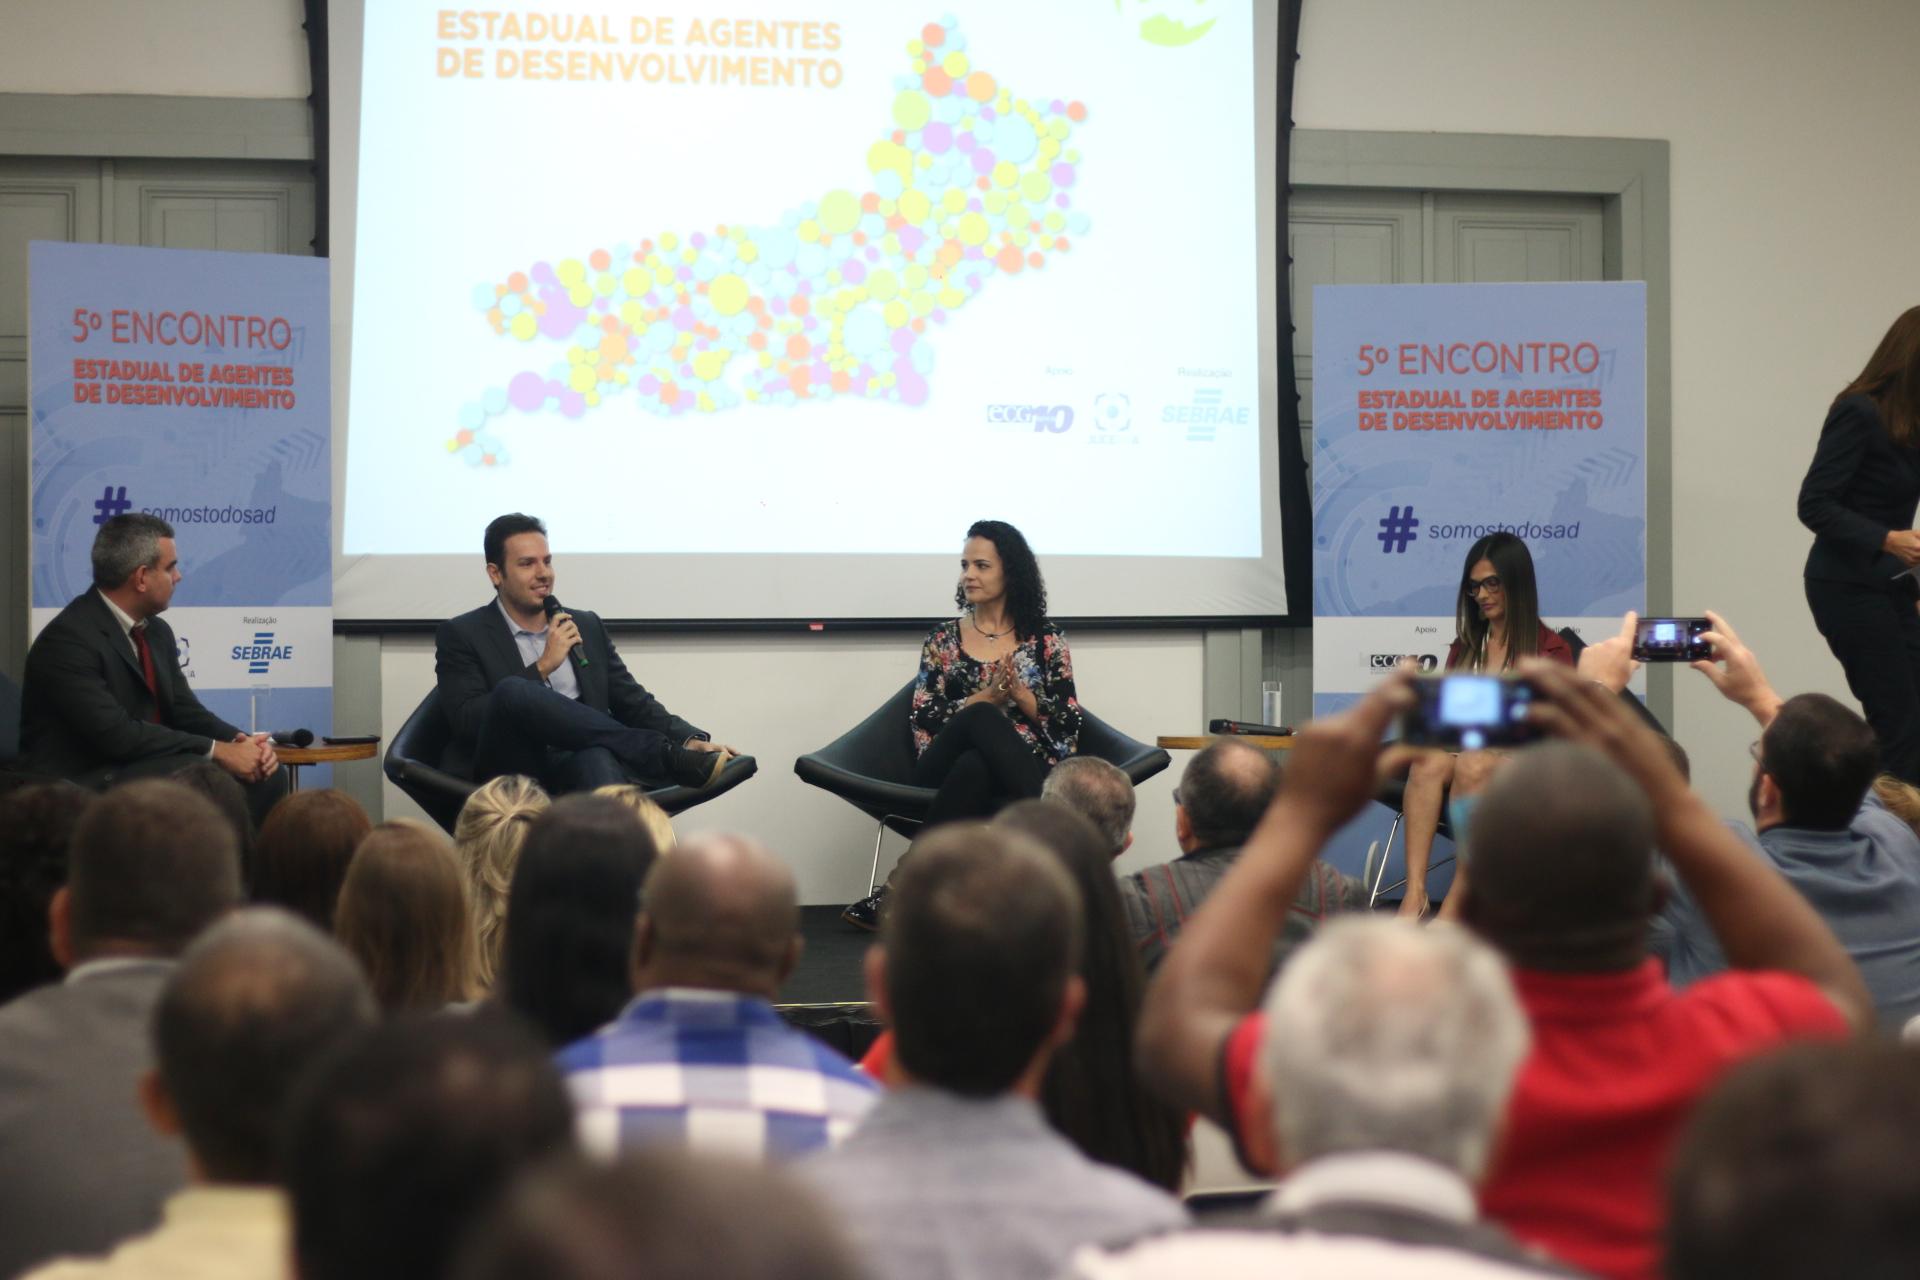 Representantes da Região Serrana vencem as três categorias do 2º Prêmio Sebrae Agentes de Desenvolvimento